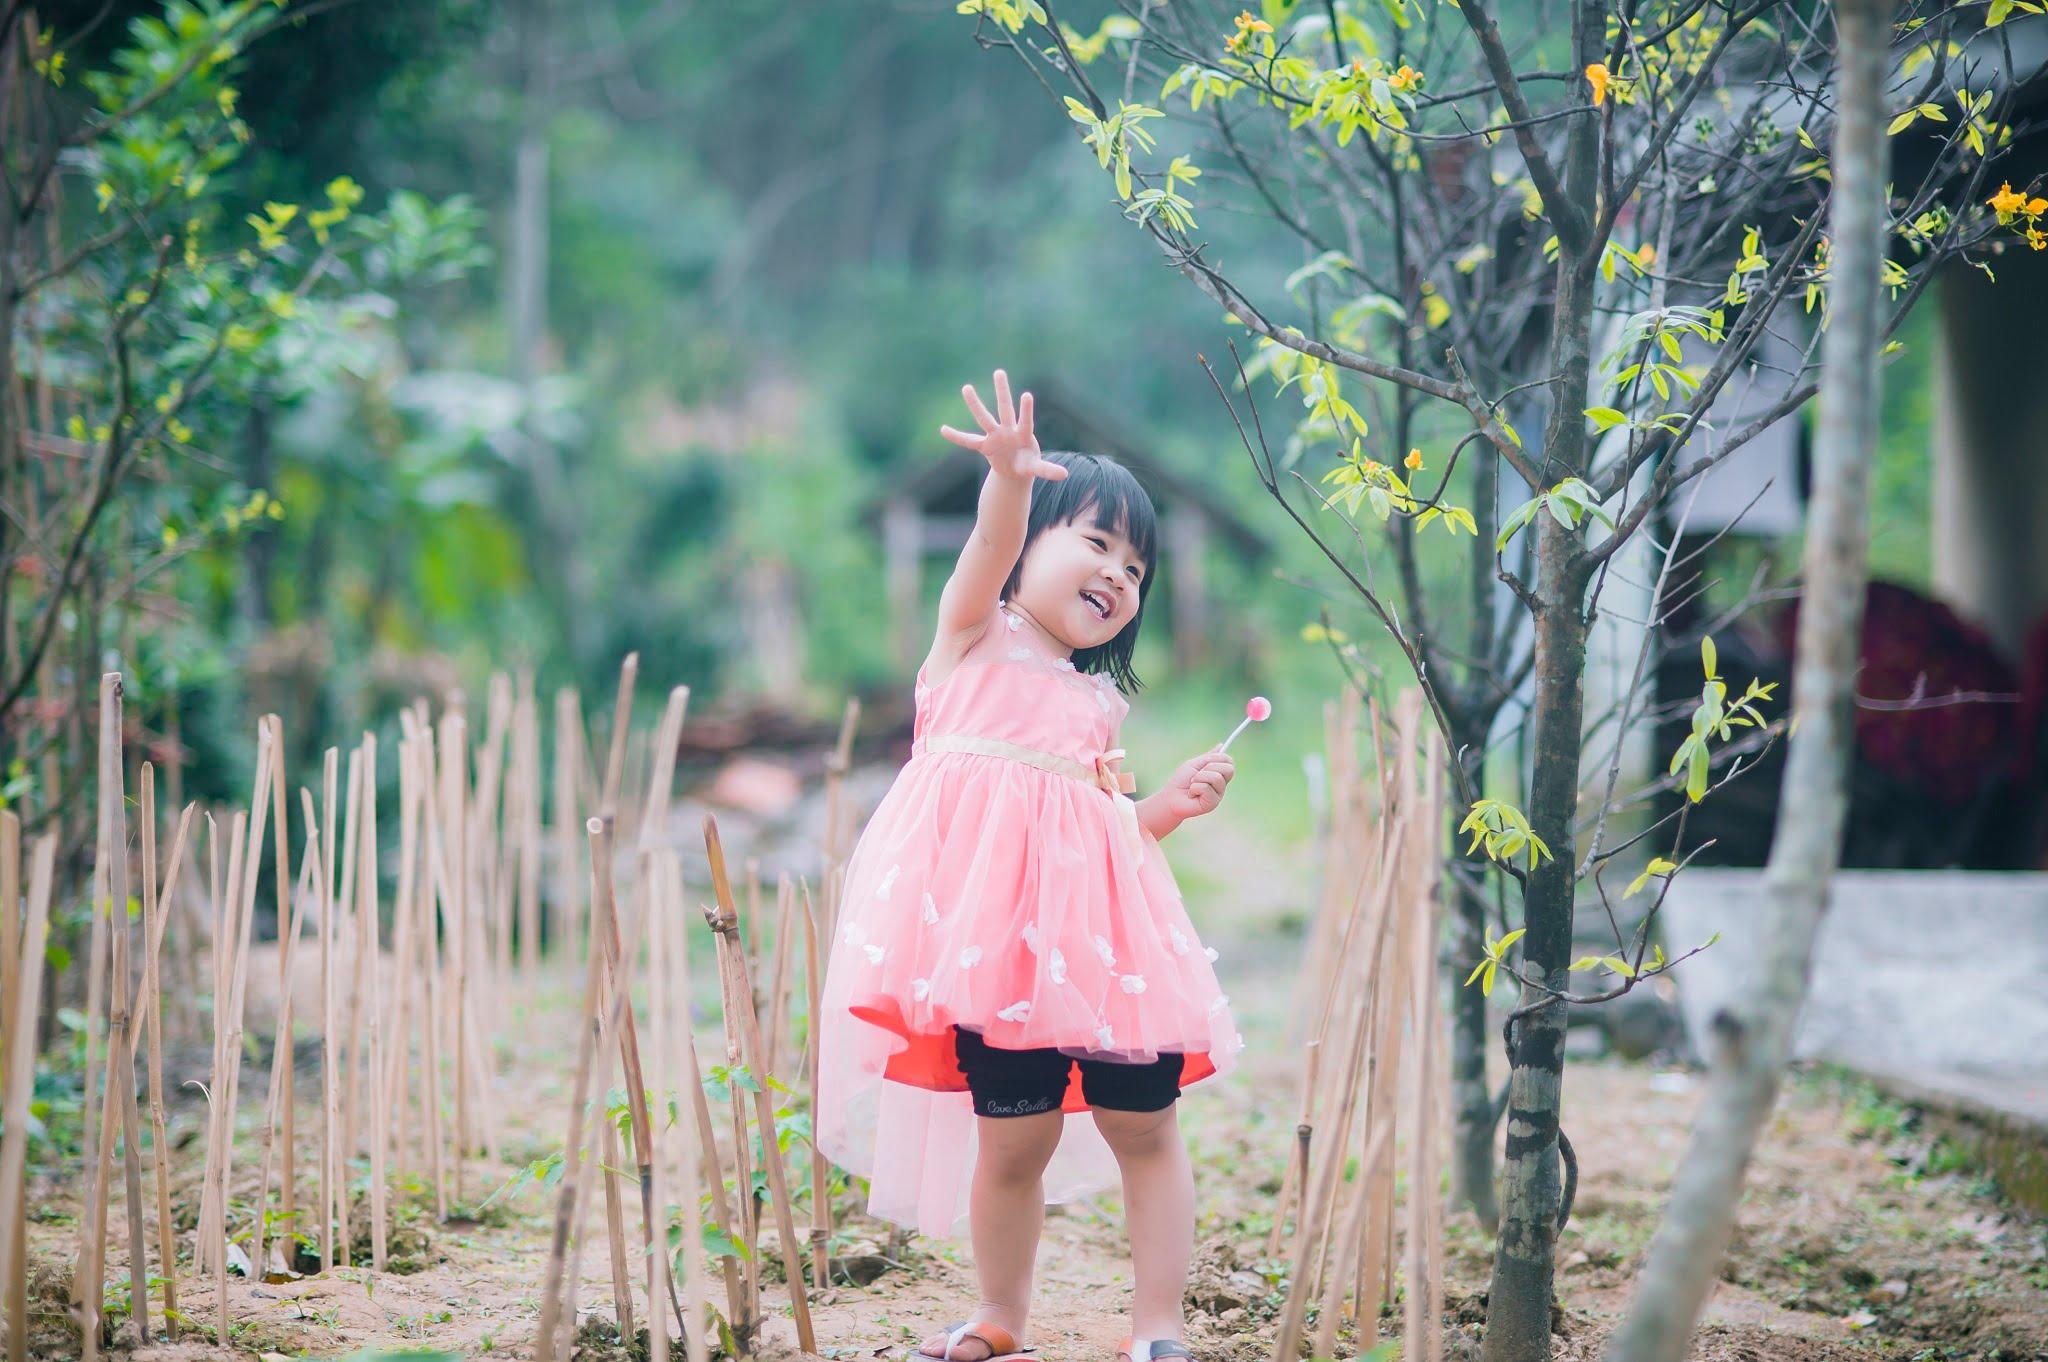 li 7 - Ảnh chụp bé Xuân Nhi Tp. Đà Nẵng